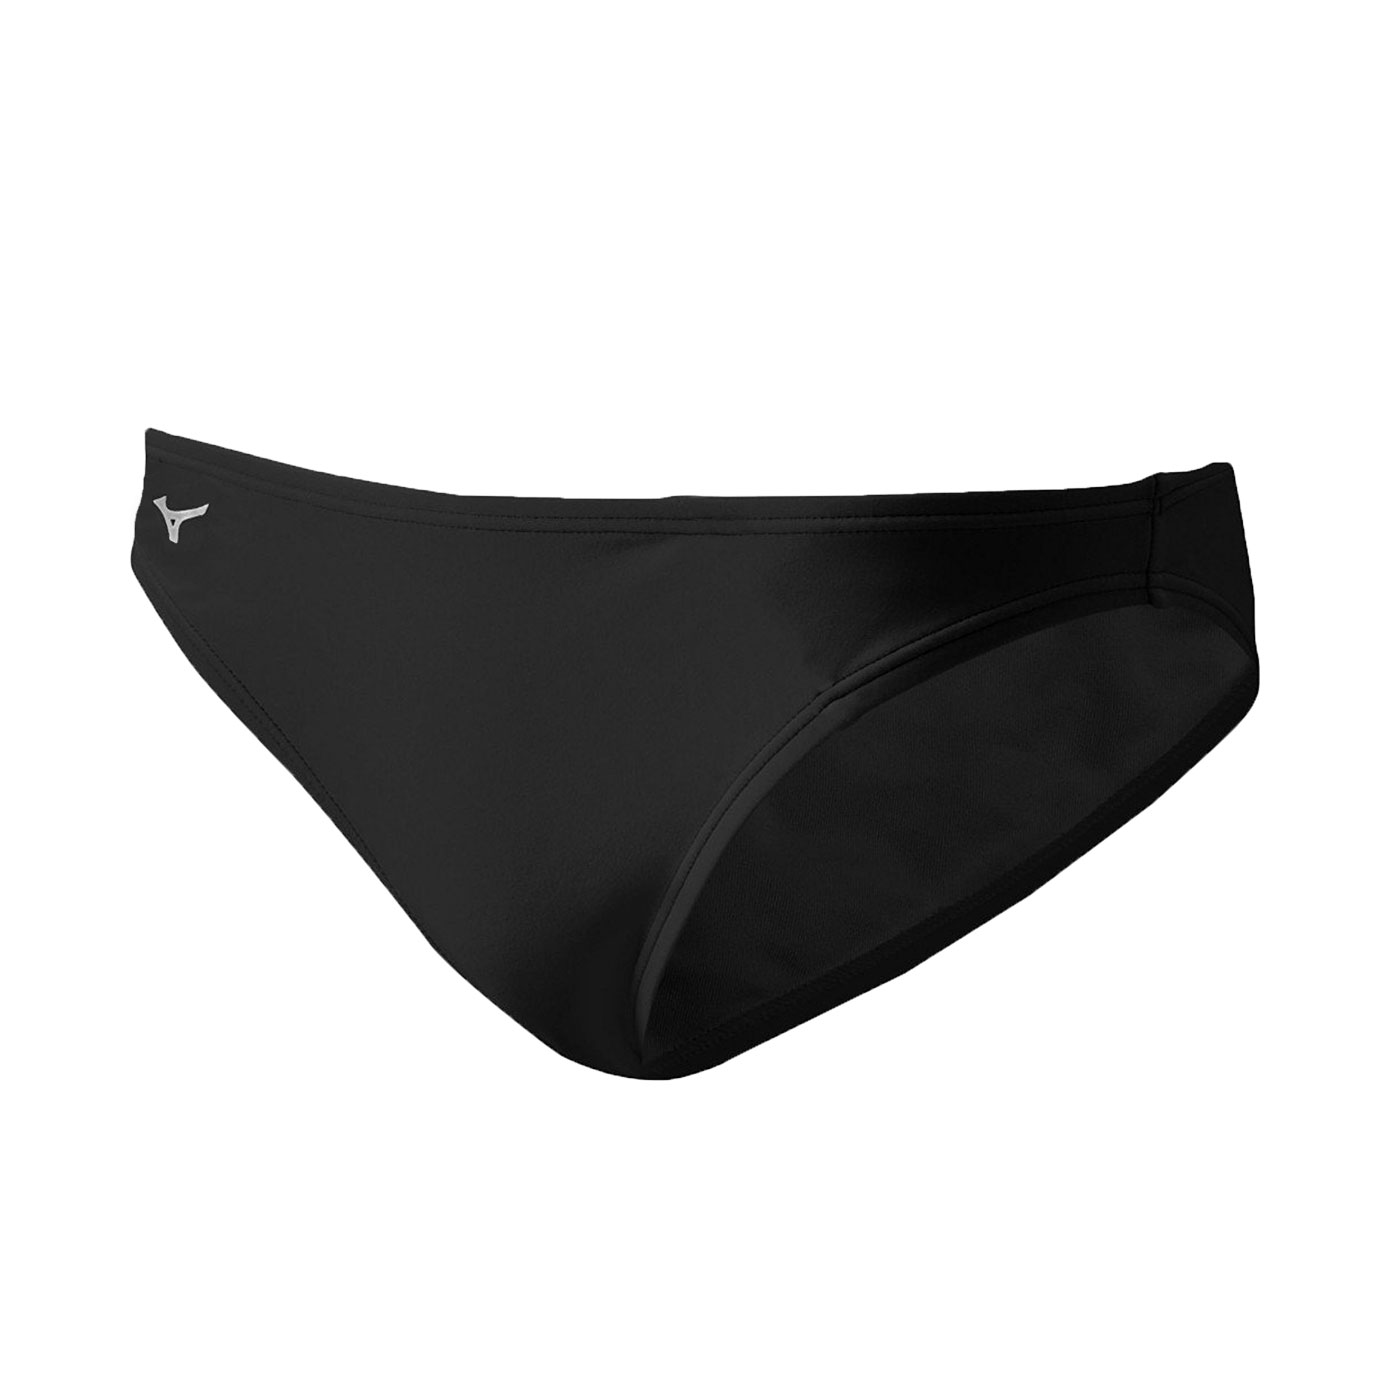 MIZUNO BASIC男三角泳褲 A85UE25009 - 黑白